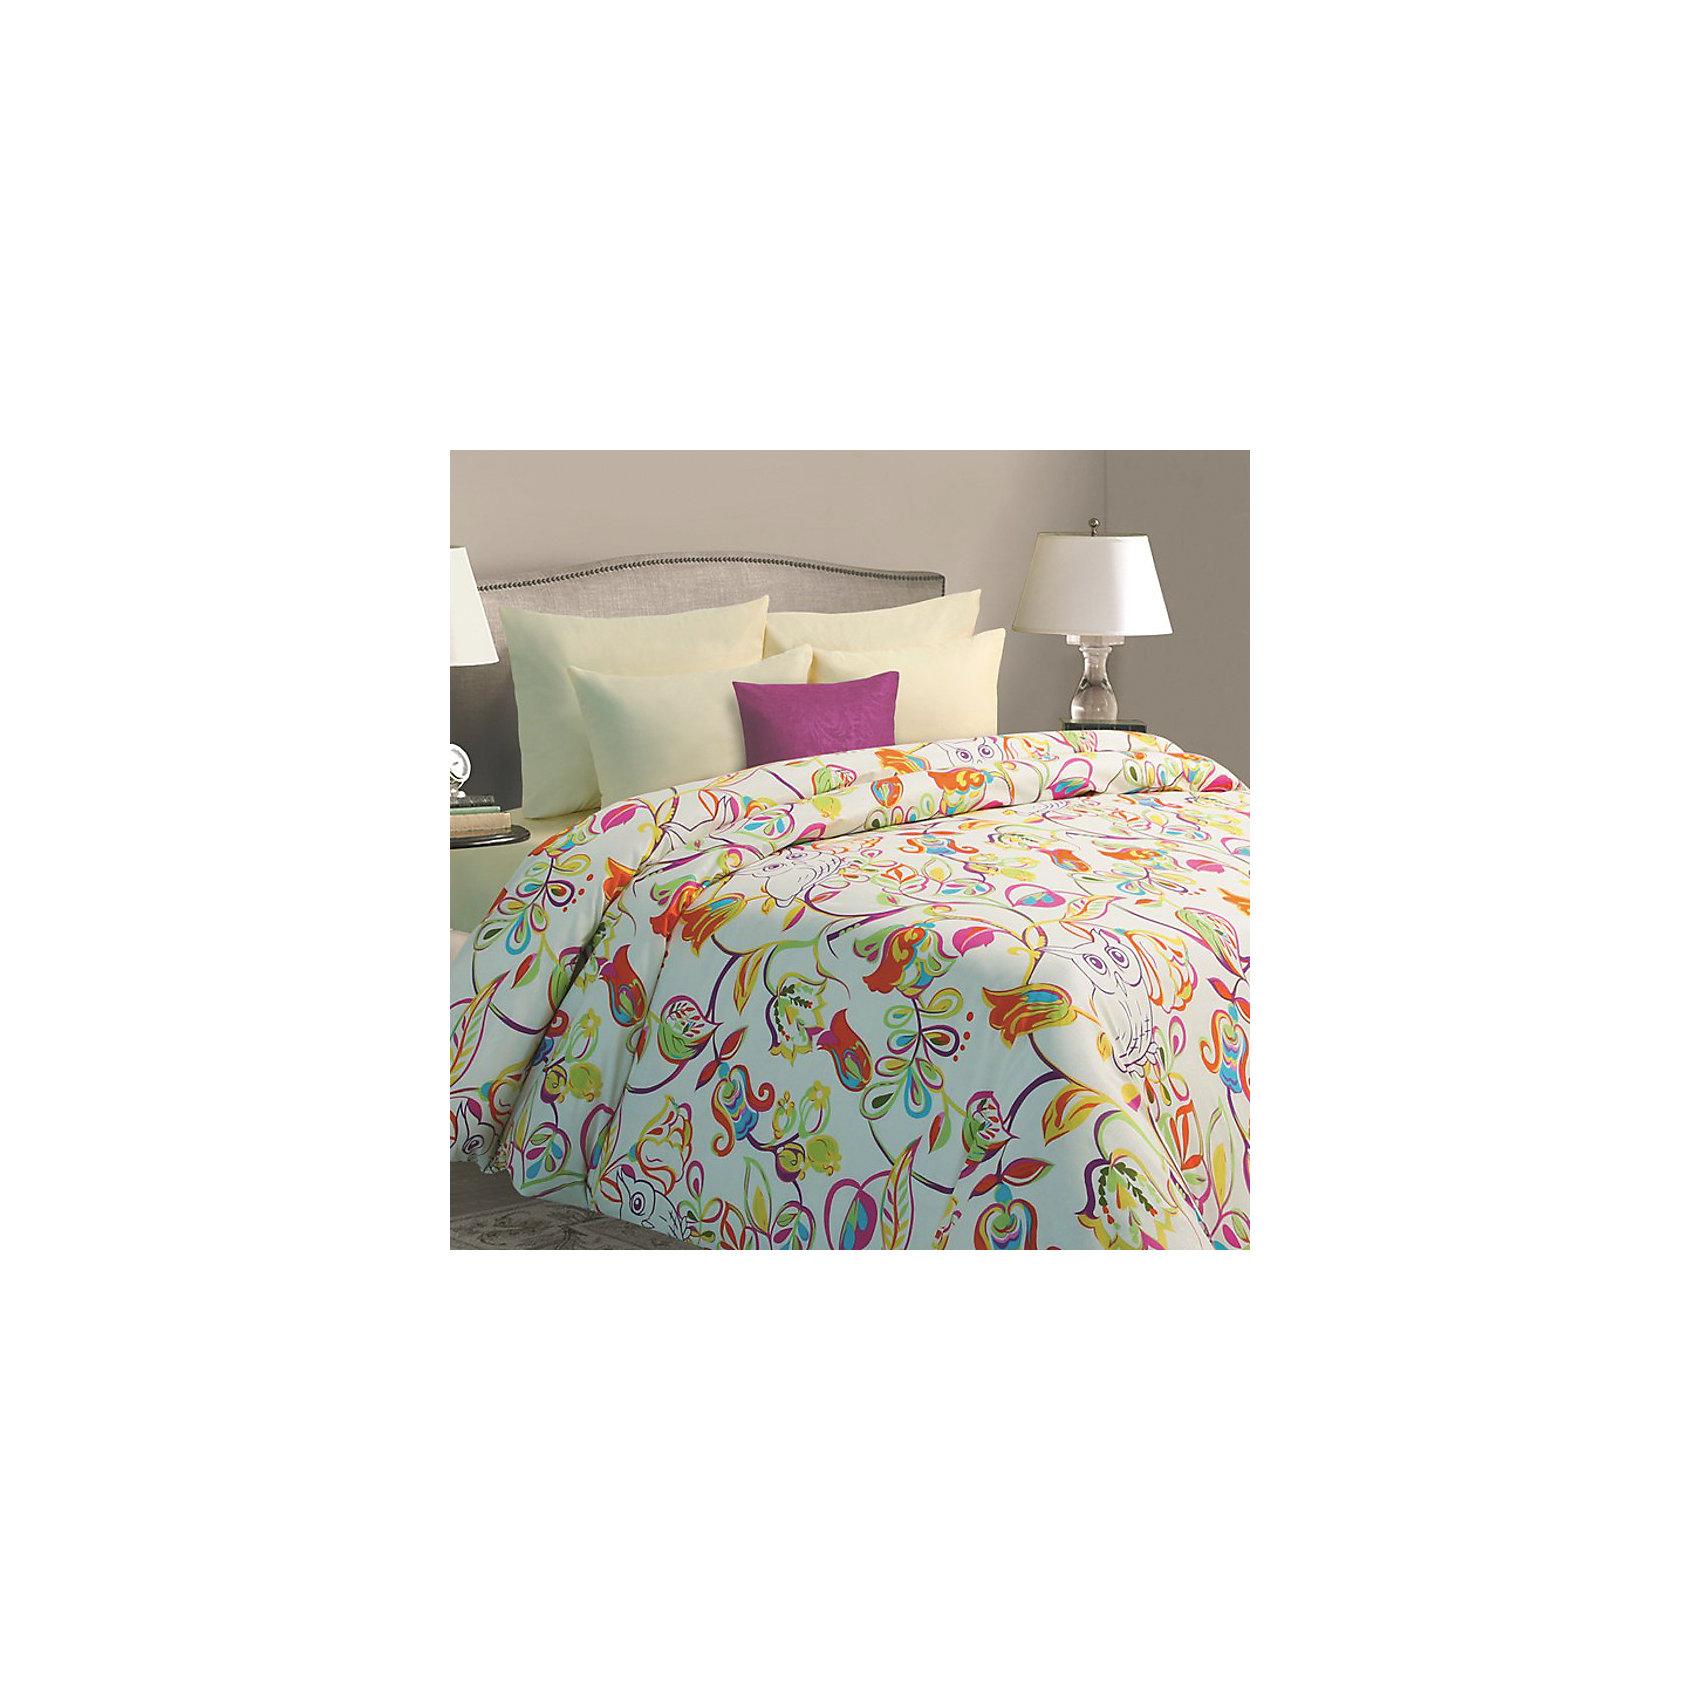 Мона Лиза Постельное белье Sova, 1,5-спальный, 70*70, Батист, Mona Liza постельное белье mona liza комплект постельного белья